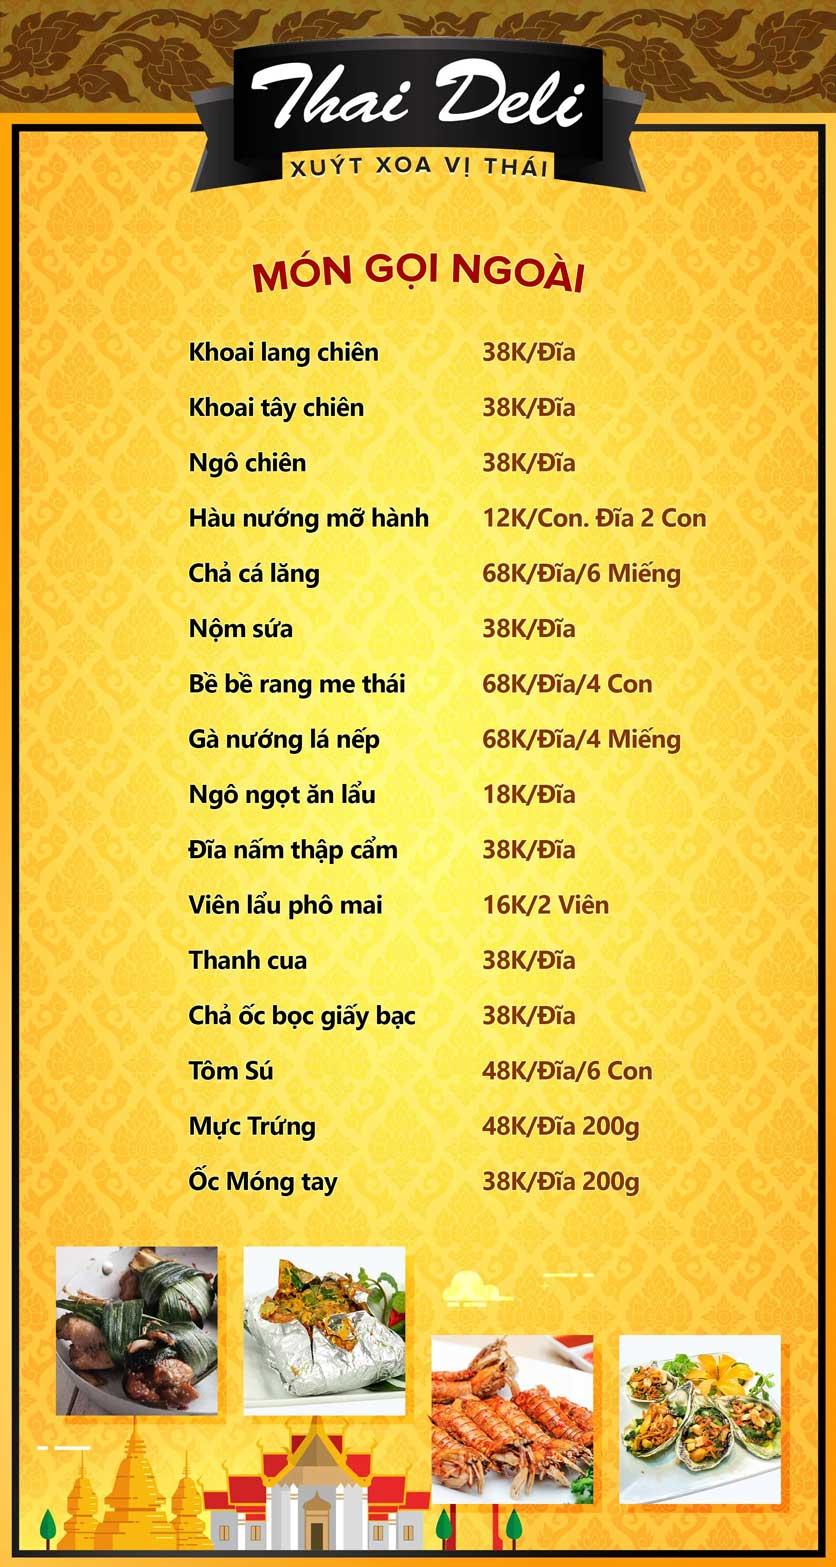 Menu Thai Deli - Buffet Lẩu Thái Hải Sản - Vũ Ngọc Phan 2